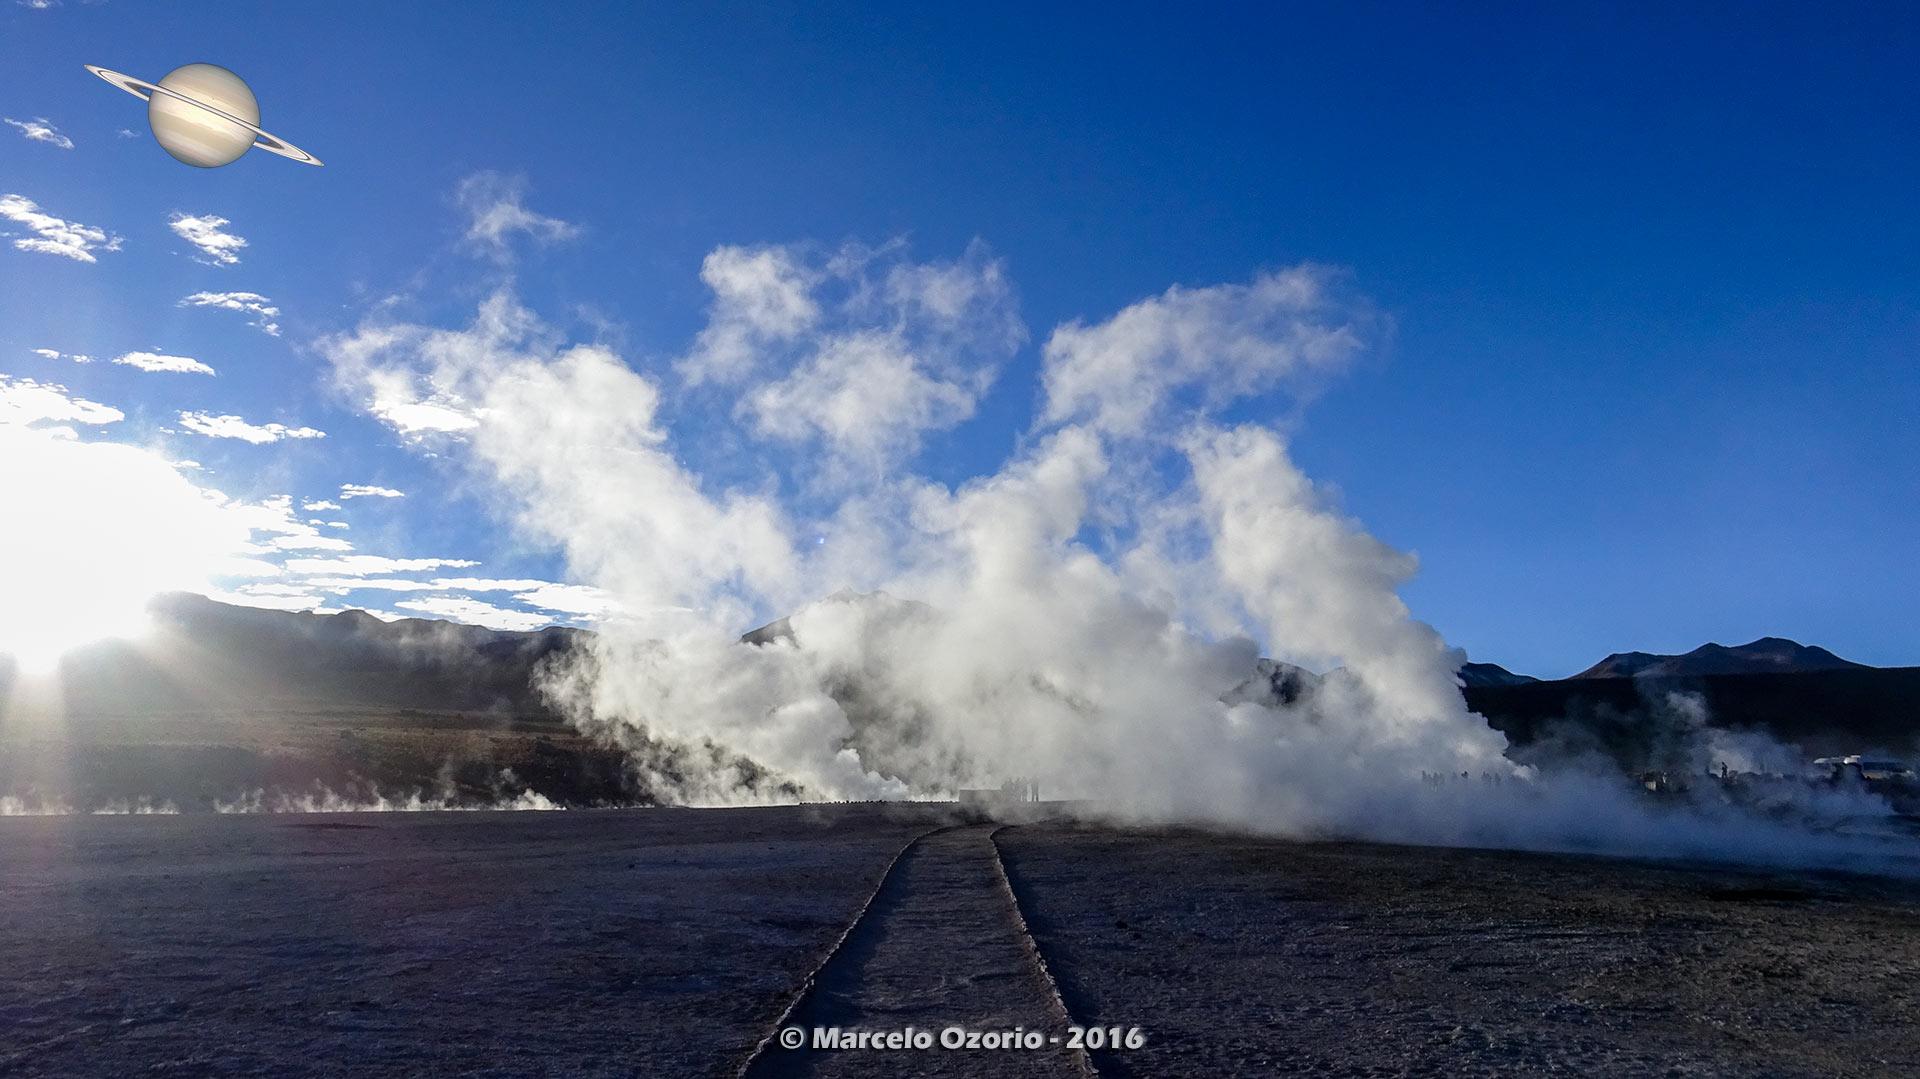 el tatio geysers atacama desert 14 - The Surreal El Tatio Geysers - Atacama Desert - Chile